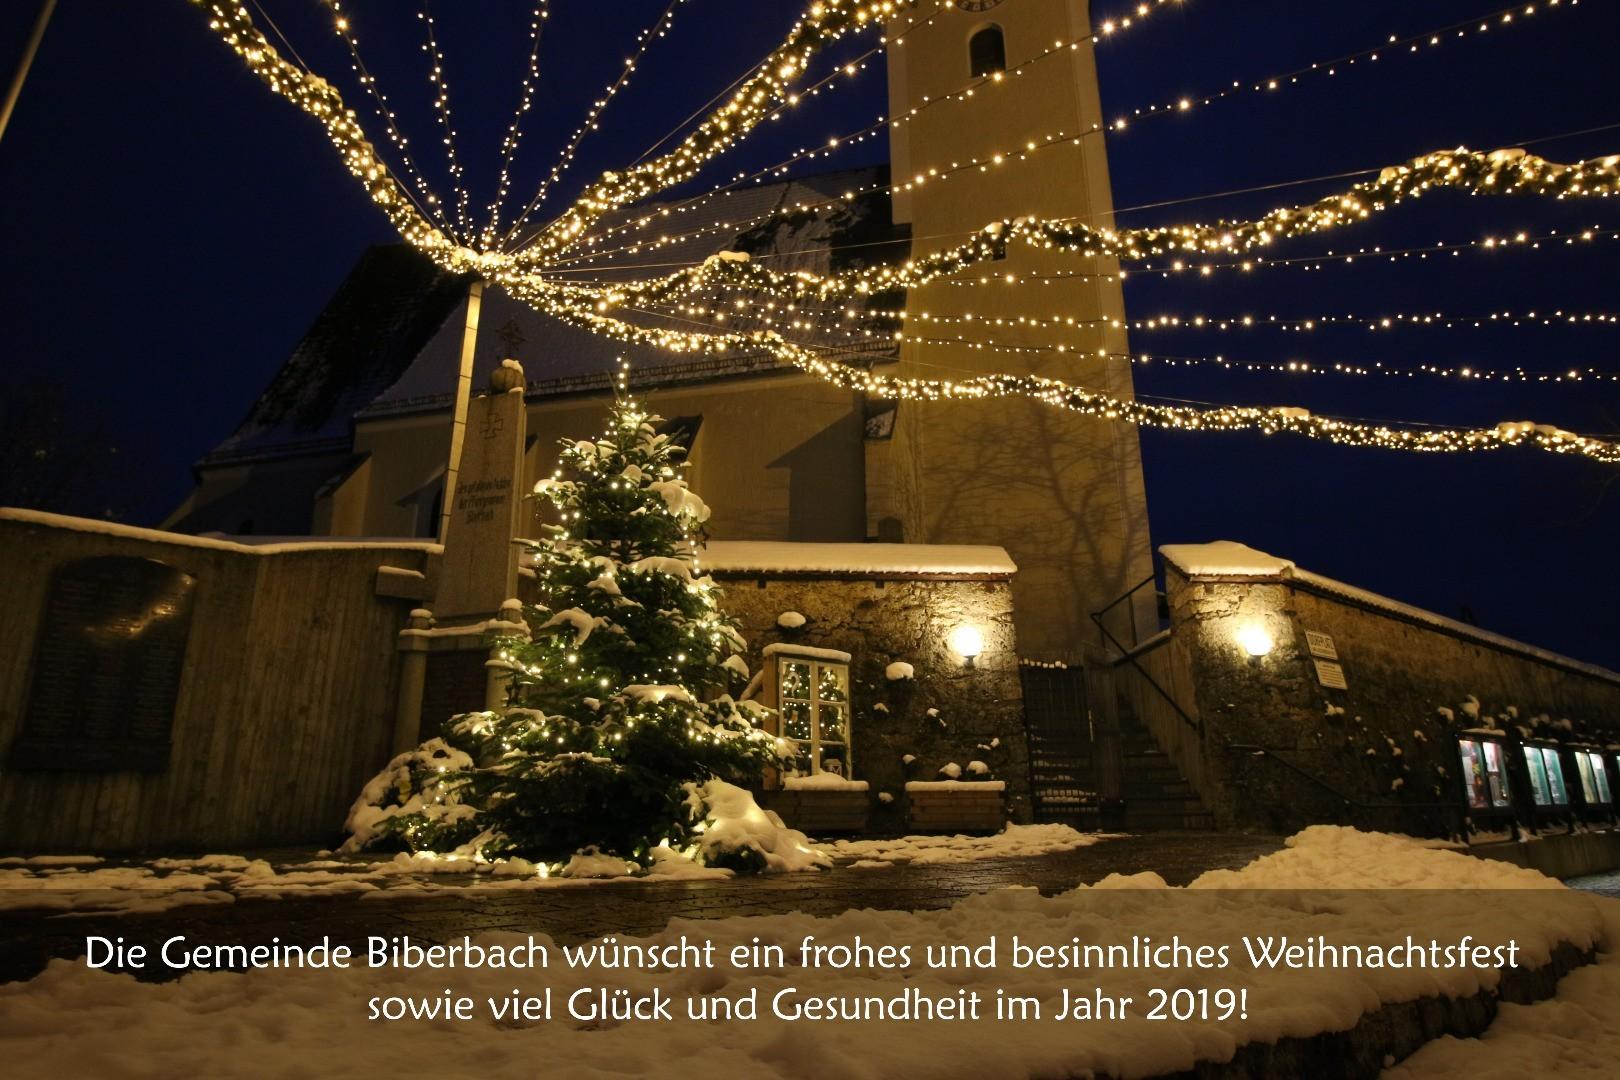 2018-12-17 Weihnachtsbeleuchtung NEU  Dorfplatz 9 - Weihnachten Homepage.JPG